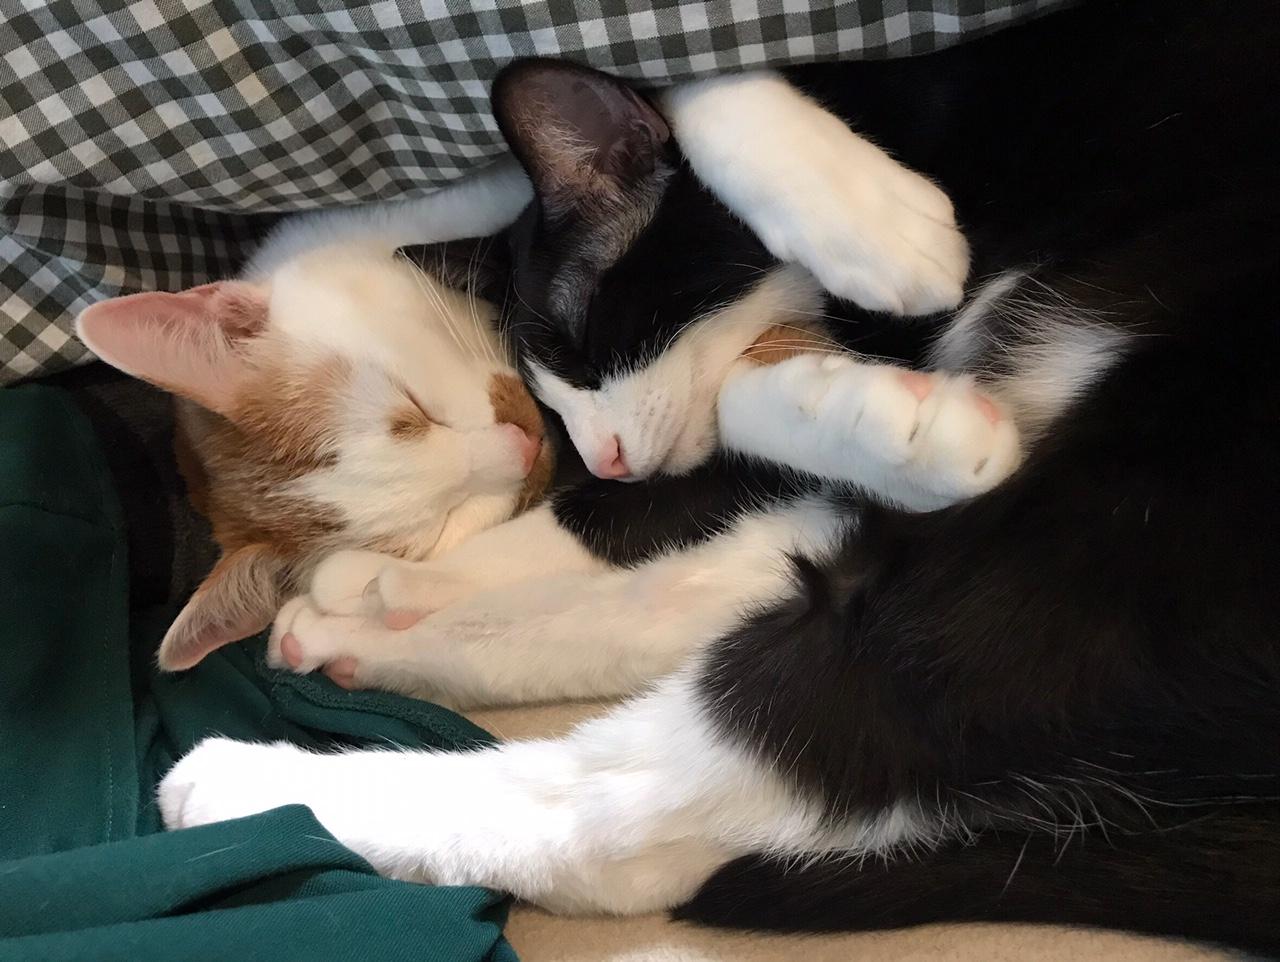 【今日のにゃんこ】ルウくんを抱えるようにして眠るラビくん☆_1